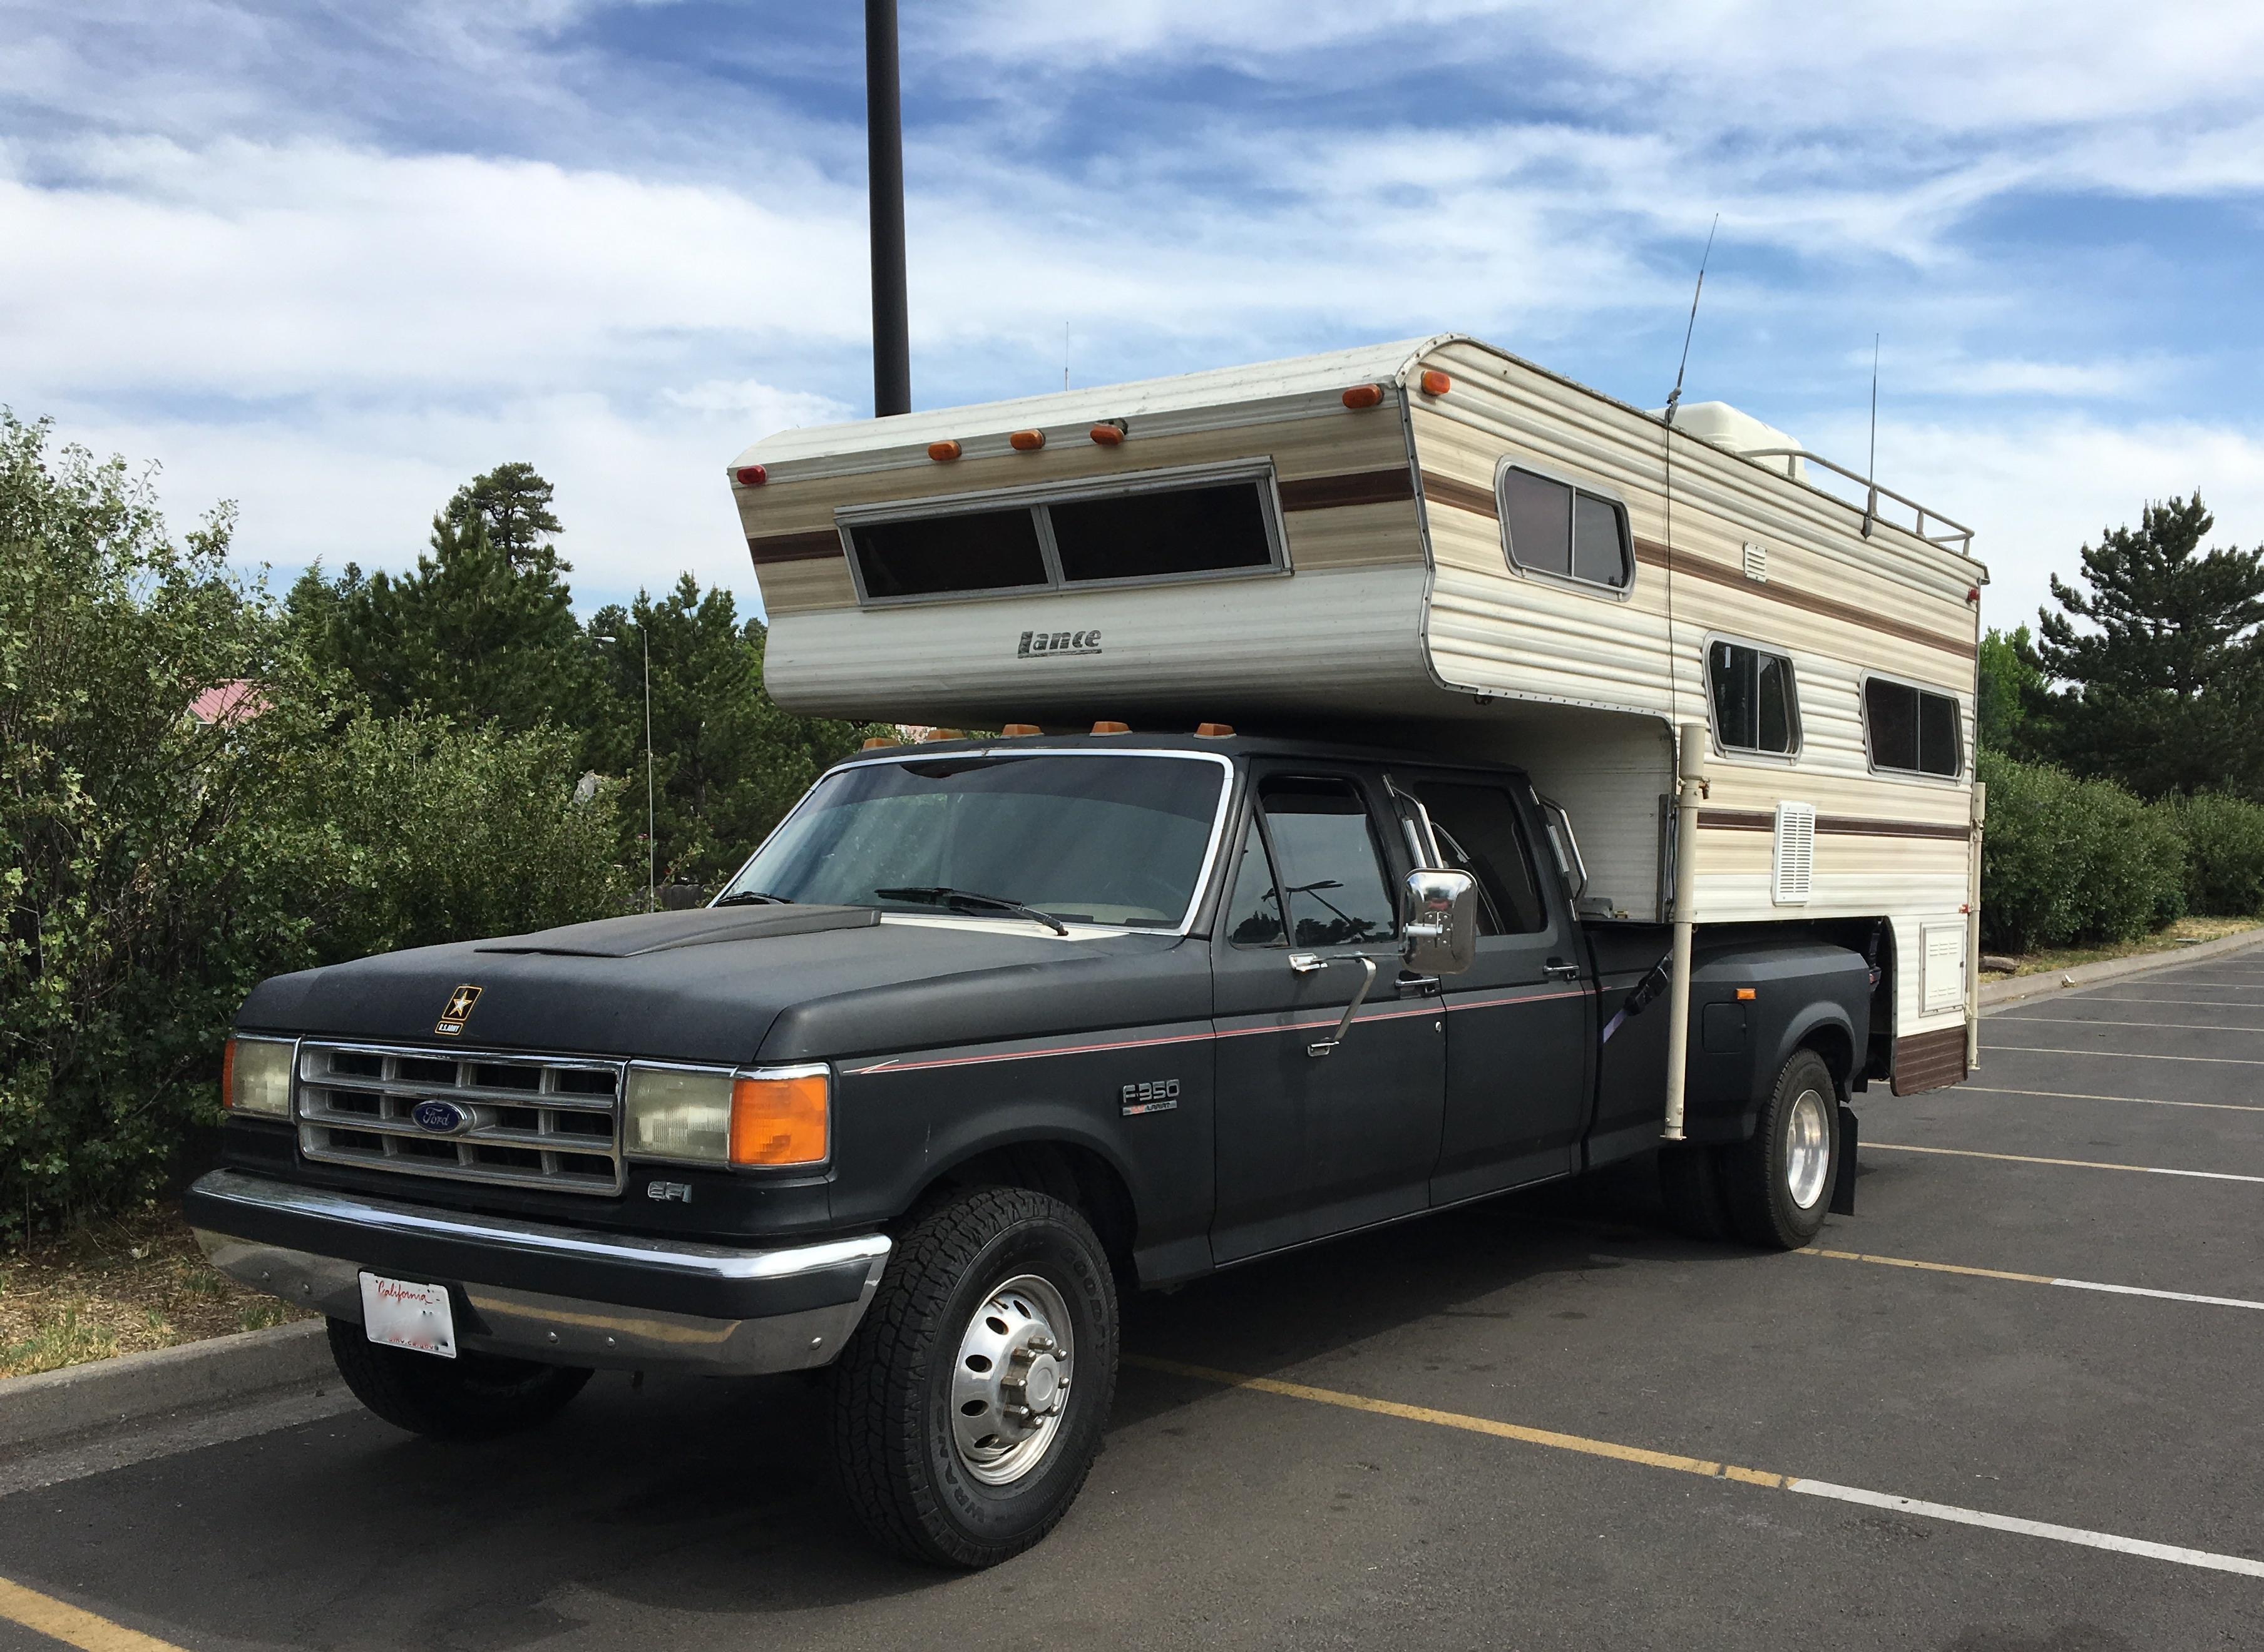 Pickup Truck Camper Atamu – Lance Truck Camper Wiring Diagram